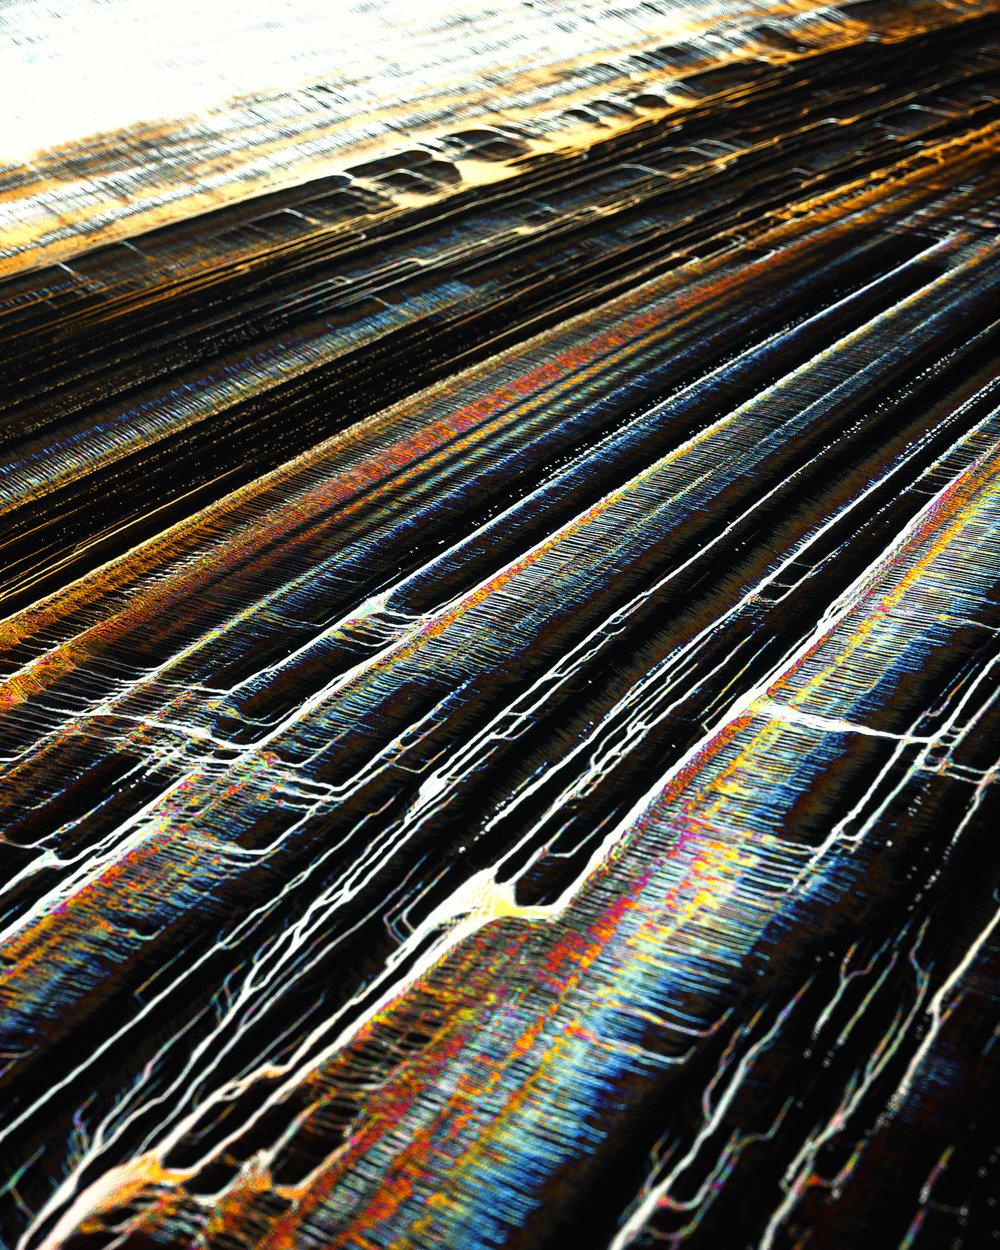 [26-10-17] - Membrane.jpg